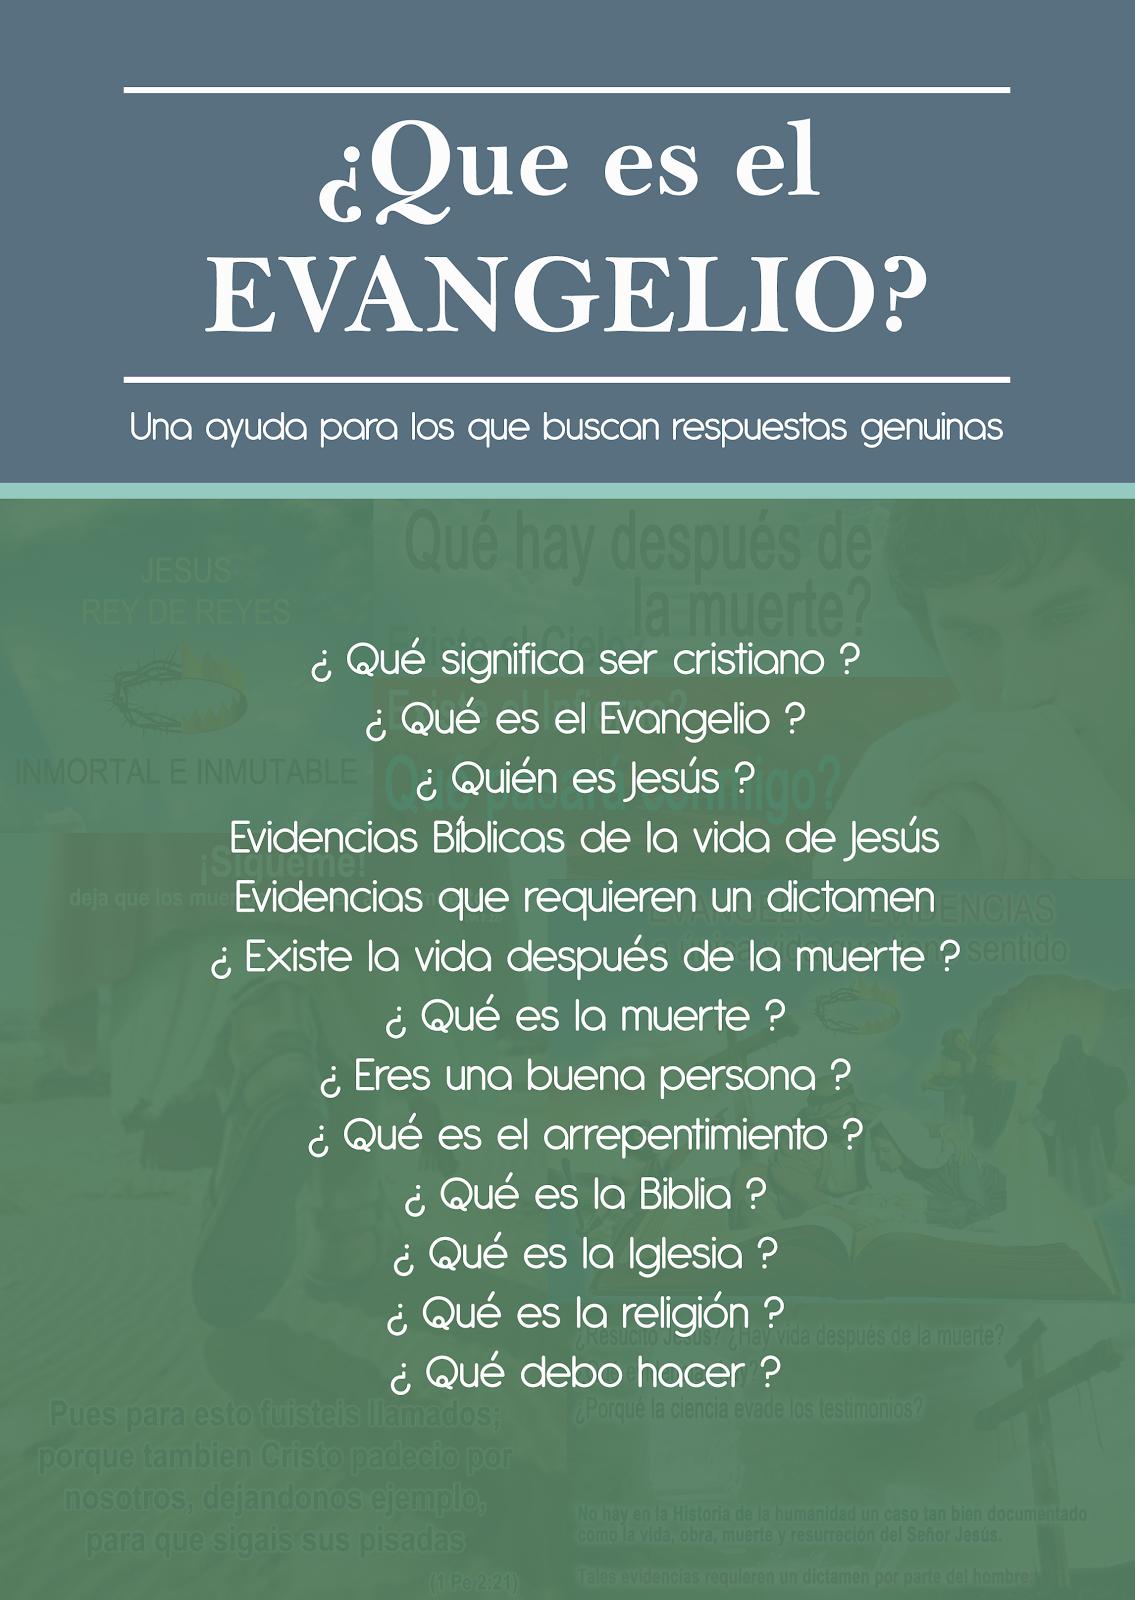 ¿Que es el EVANGELIO?